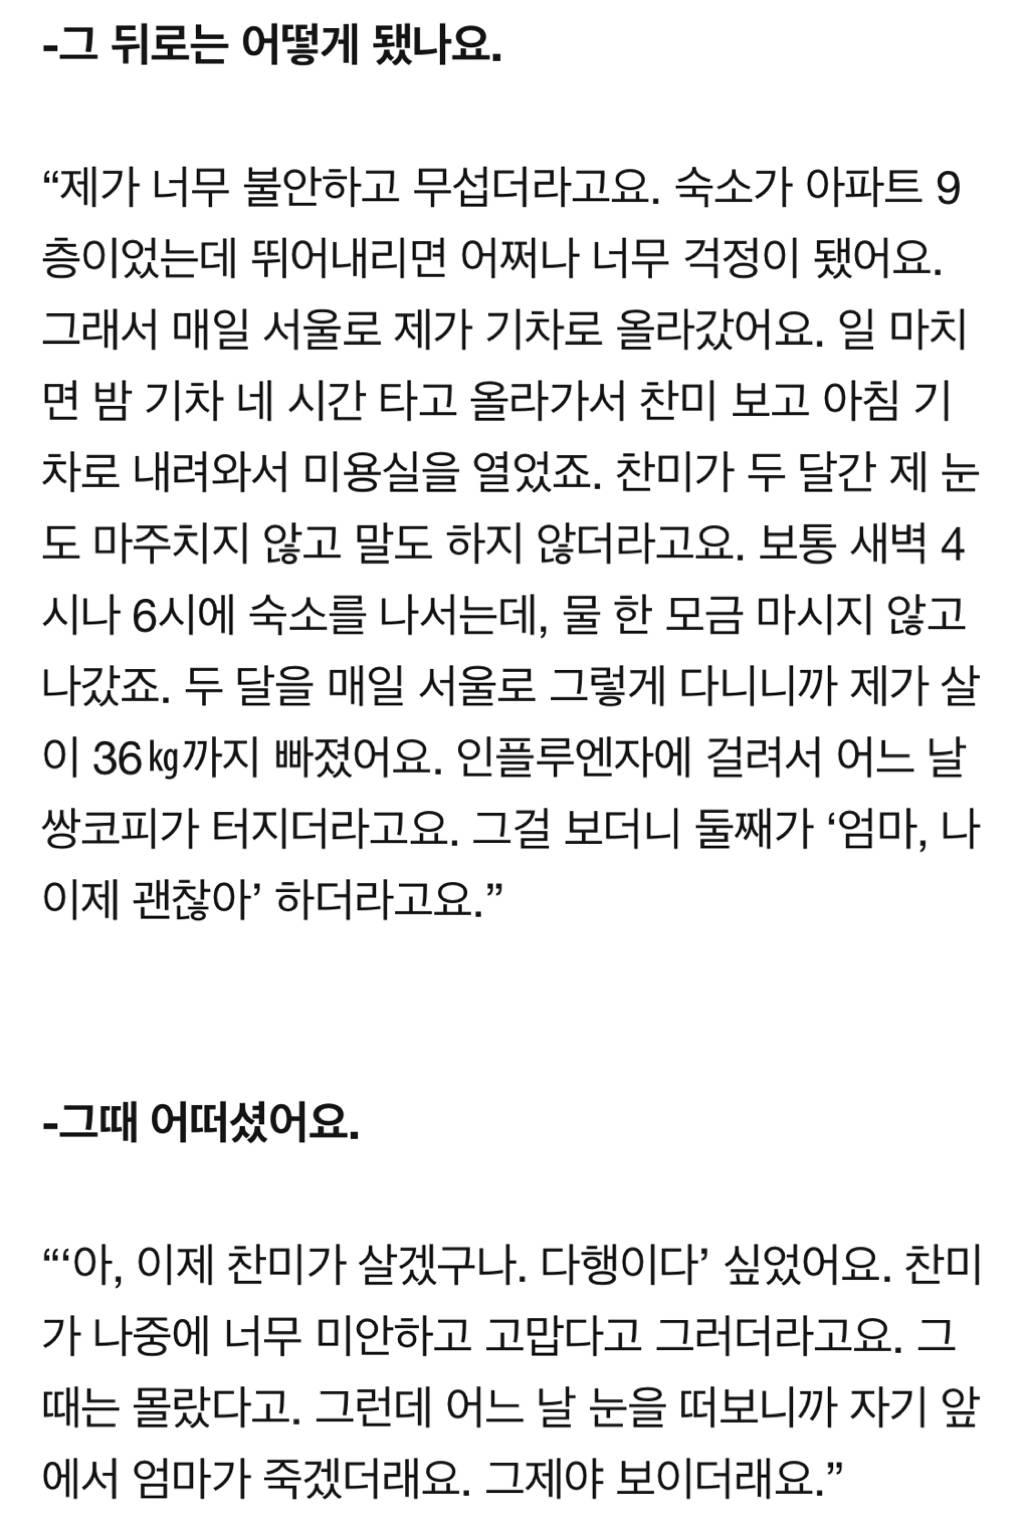 단순히 한 아이돌만의 문제가 아닐 것 같은 아이돌들의 우울증 문제(찬미)   인스티즈